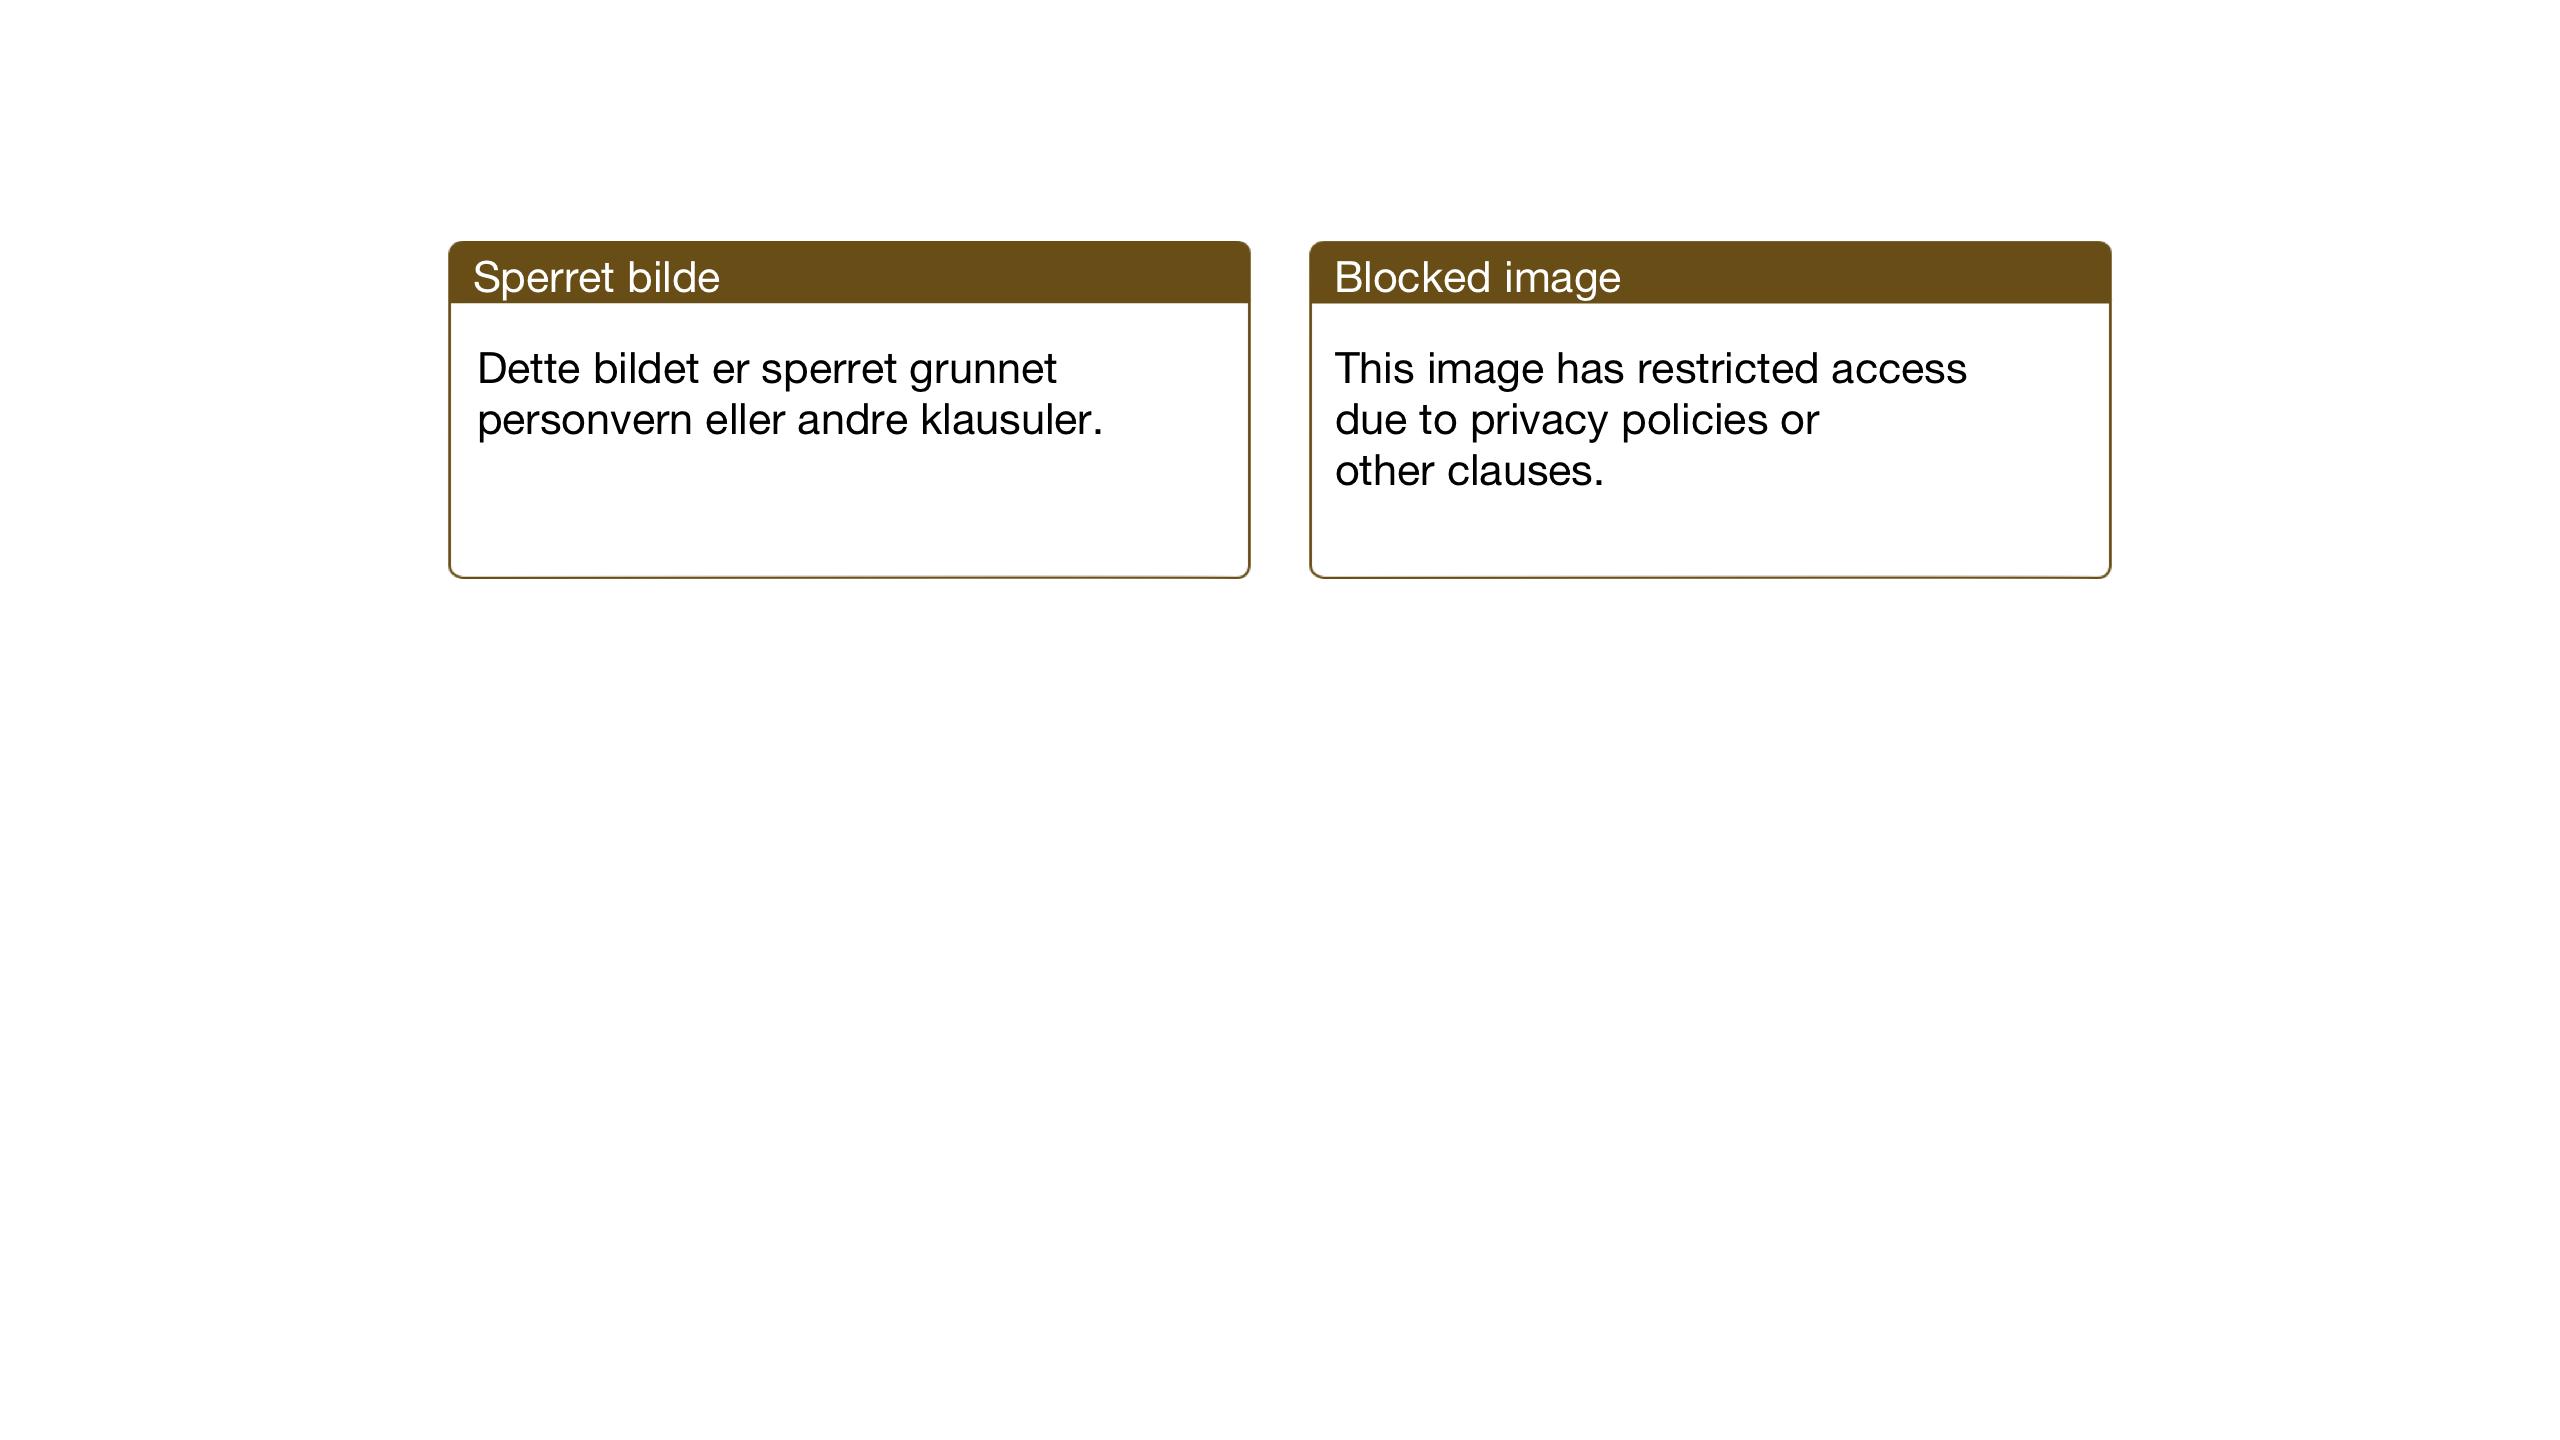 SAT, Ministerialprotokoller, klokkerbøker og fødselsregistre - Nord-Trøndelag, 732/L0319: Klokkerbok nr. 732C03, 1911-1945, s. 68